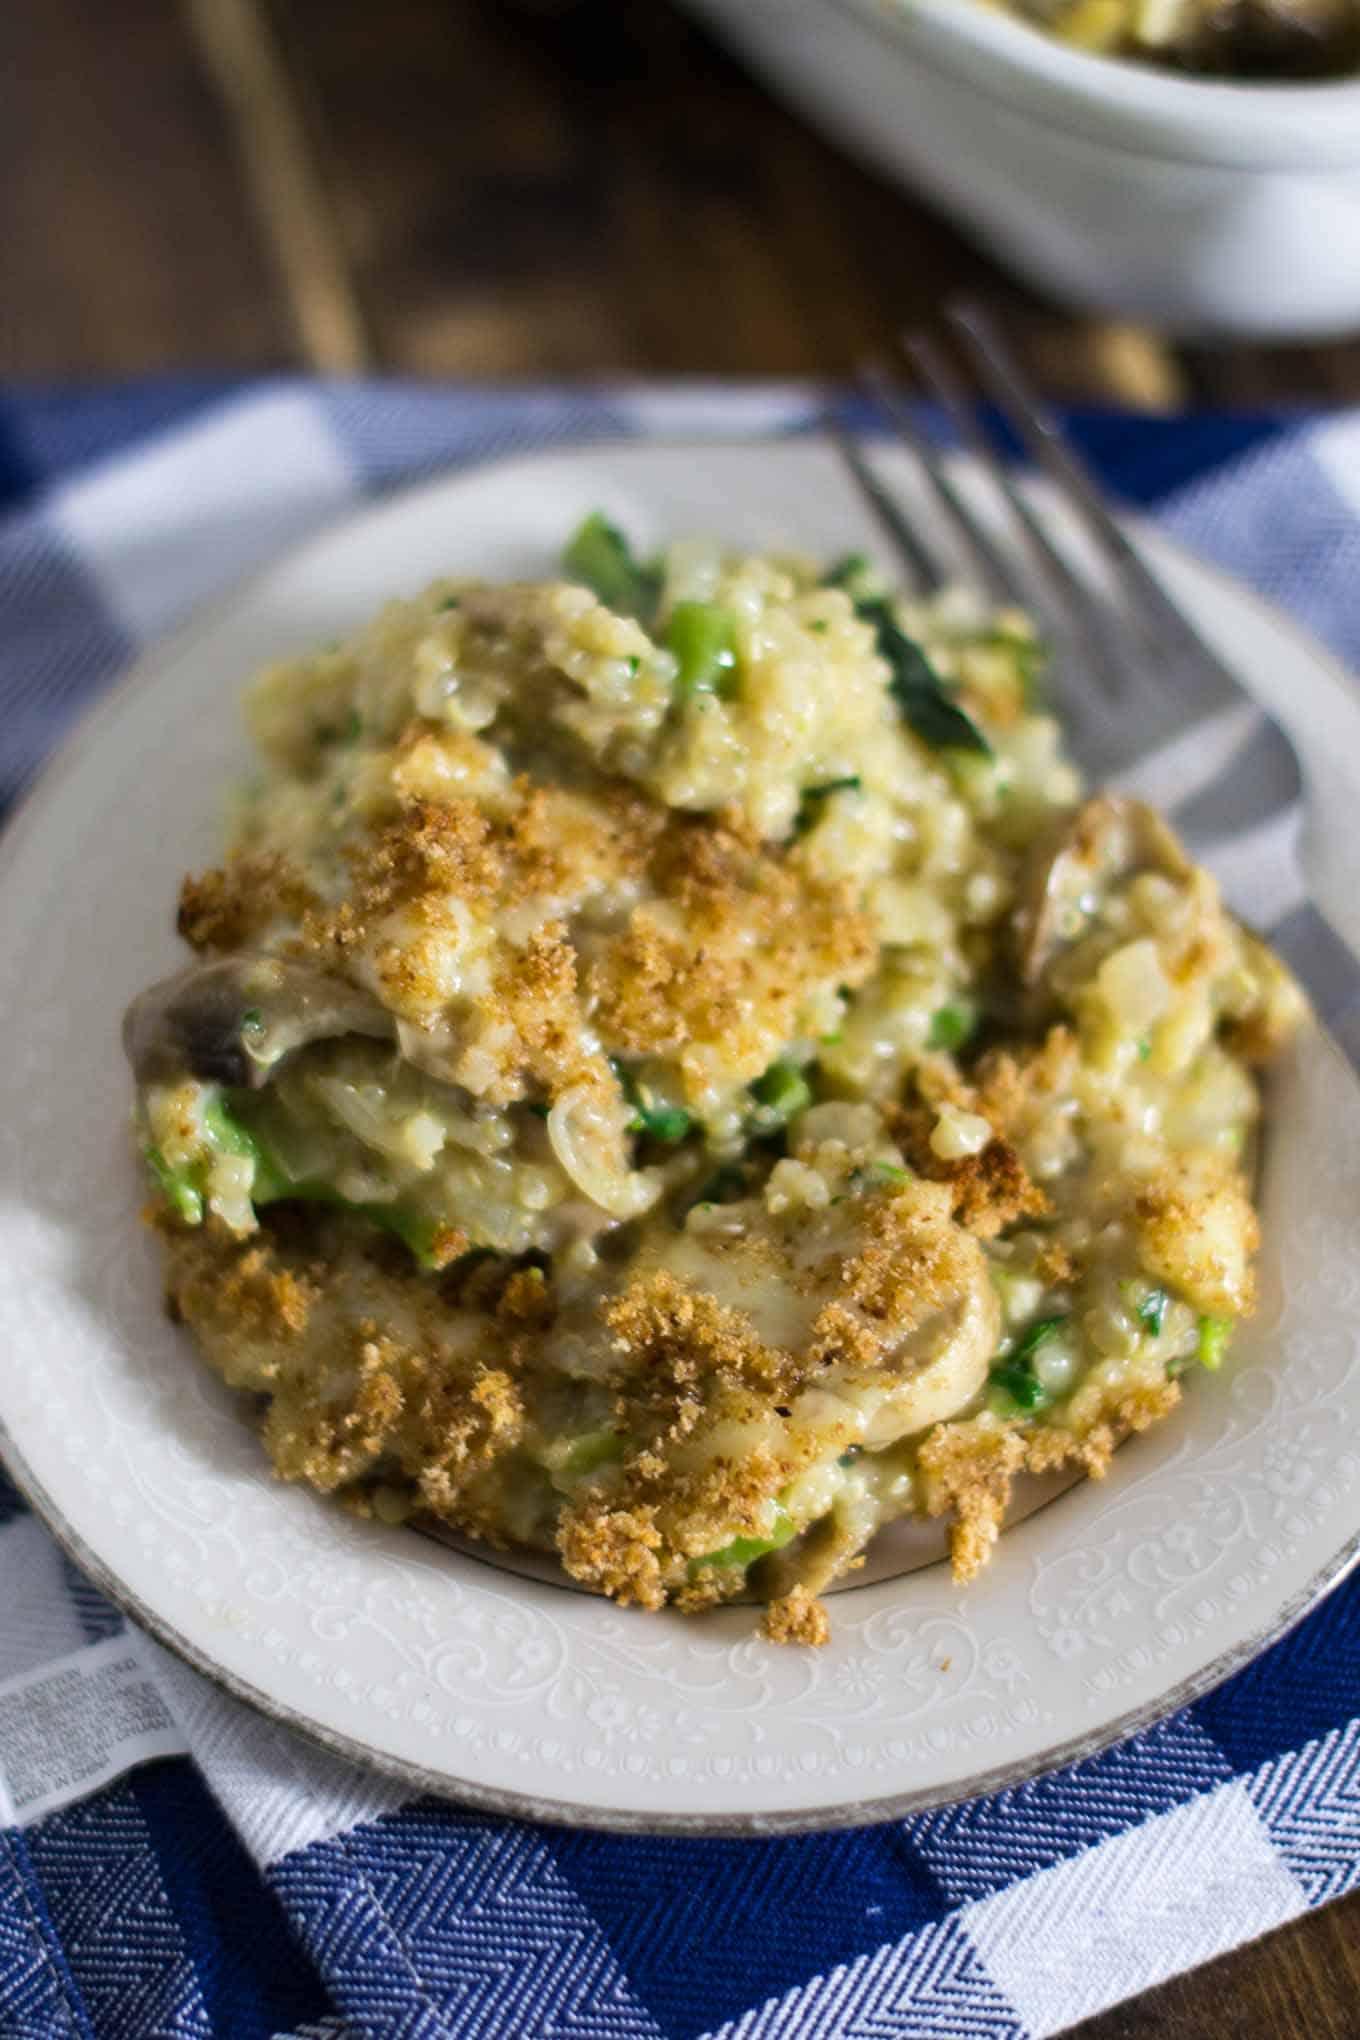 broccoli & cheddar quinoa casserole